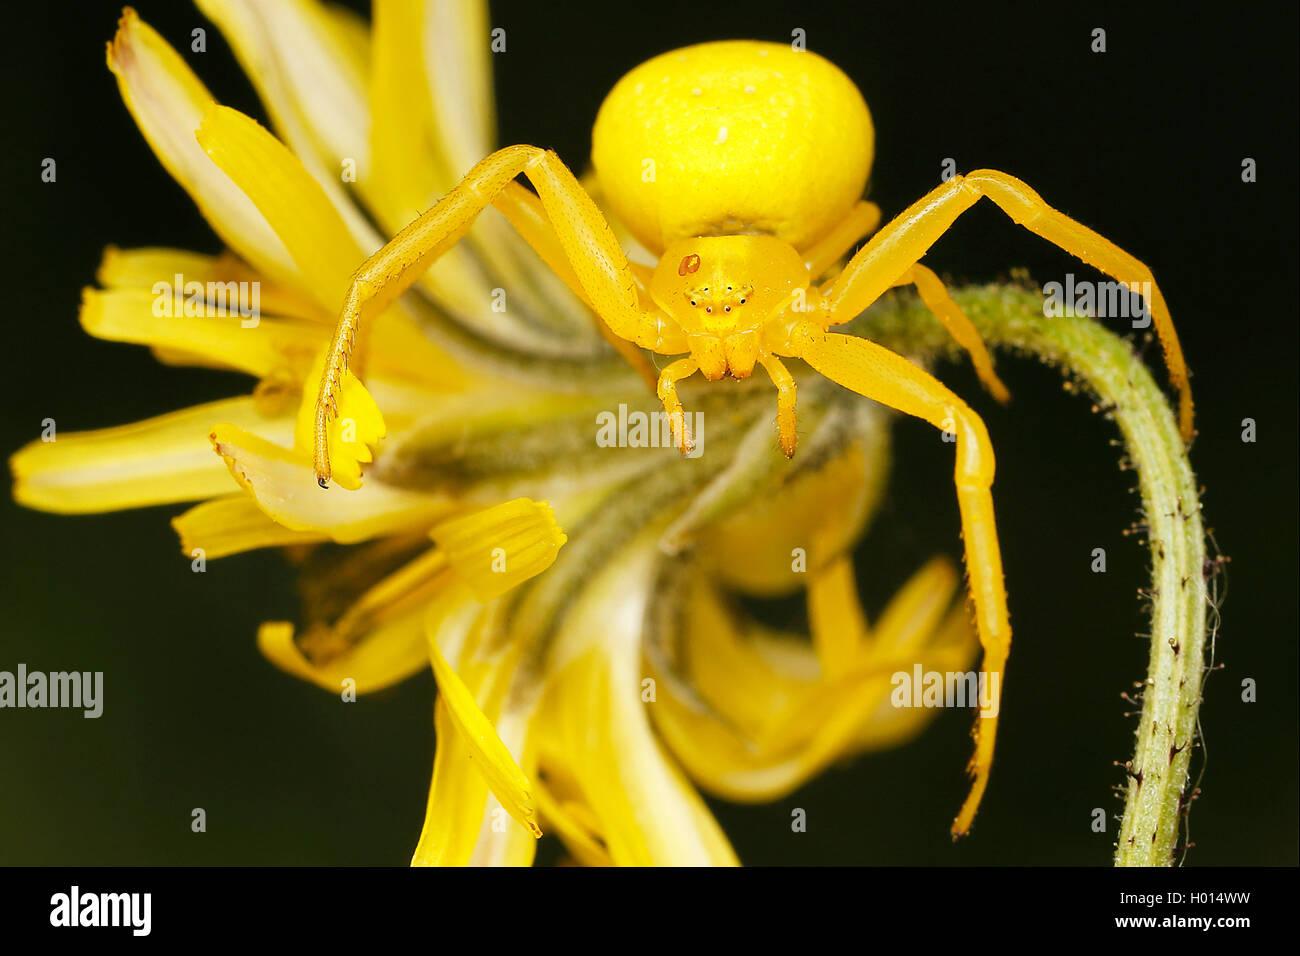 Veraenderliche Krabbenspinne, Veraenderliche Krabben-Spinne (Misumena vatia), Weibchen, Oesterreich | goldenrod - Stock Image